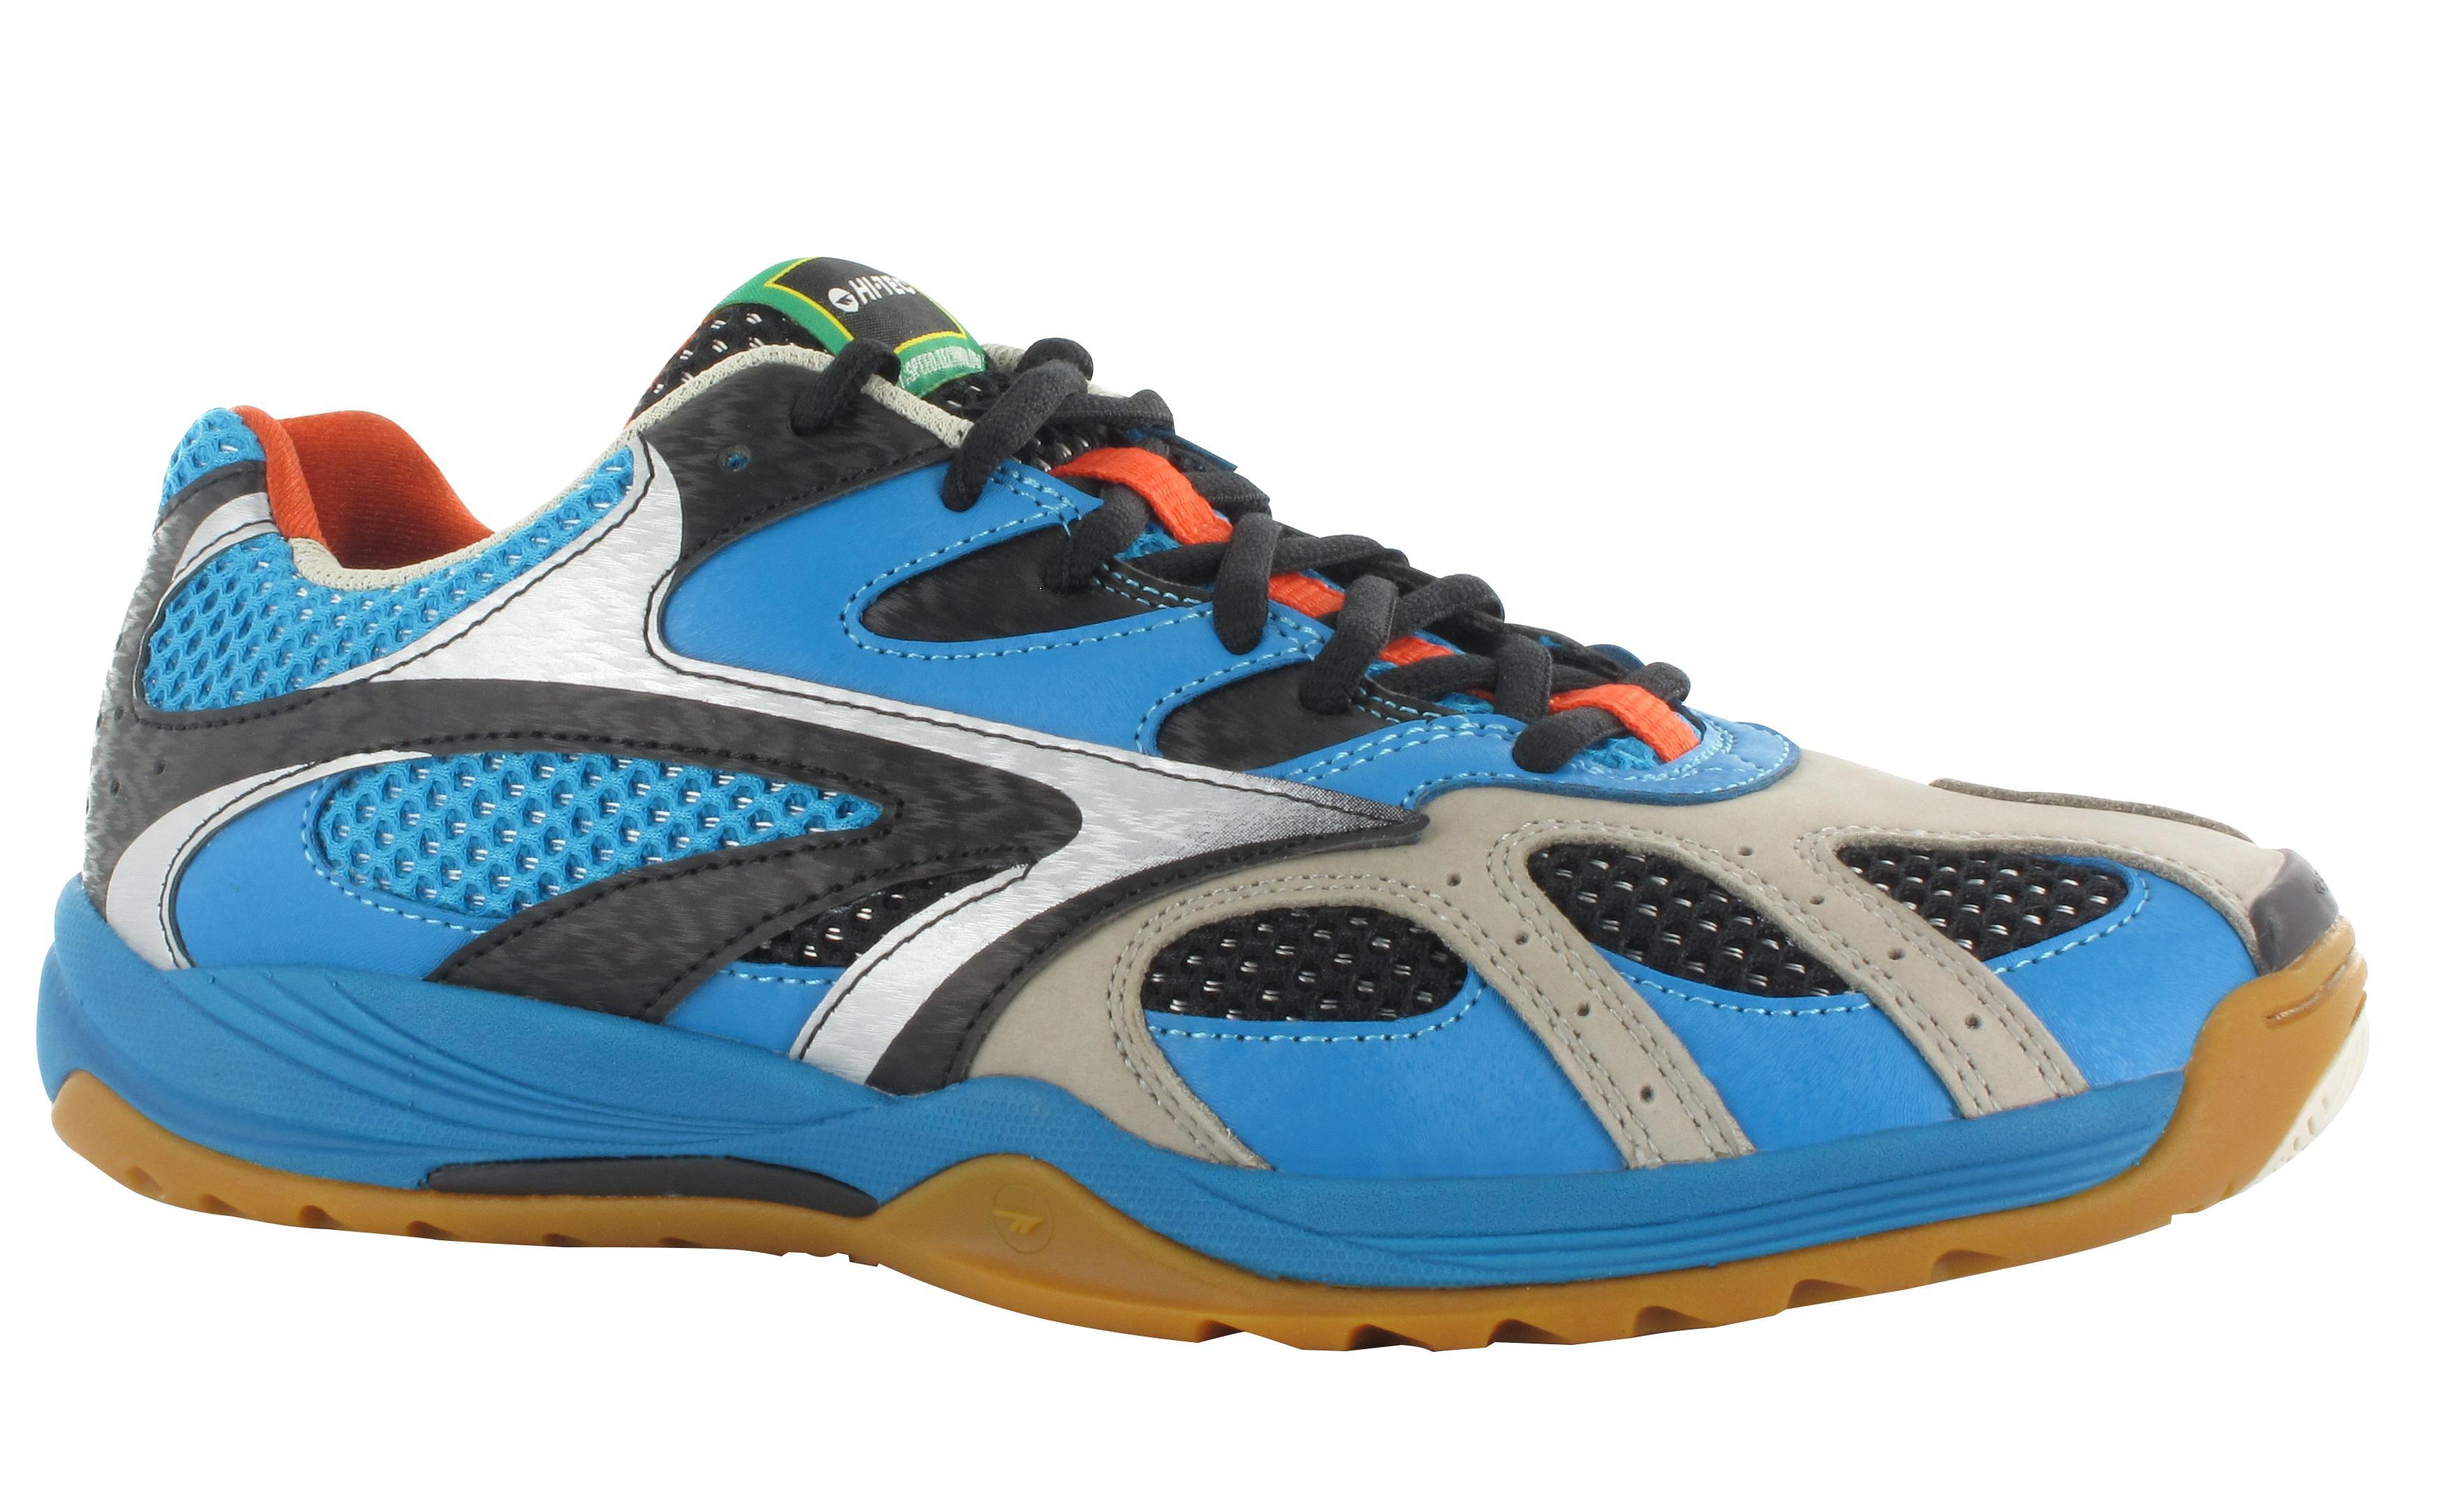 f947c56a7e63 HI-TEC AD PRO Elite Men s Squash Shoes (Blue) - Nick Matthews - Just Rackets